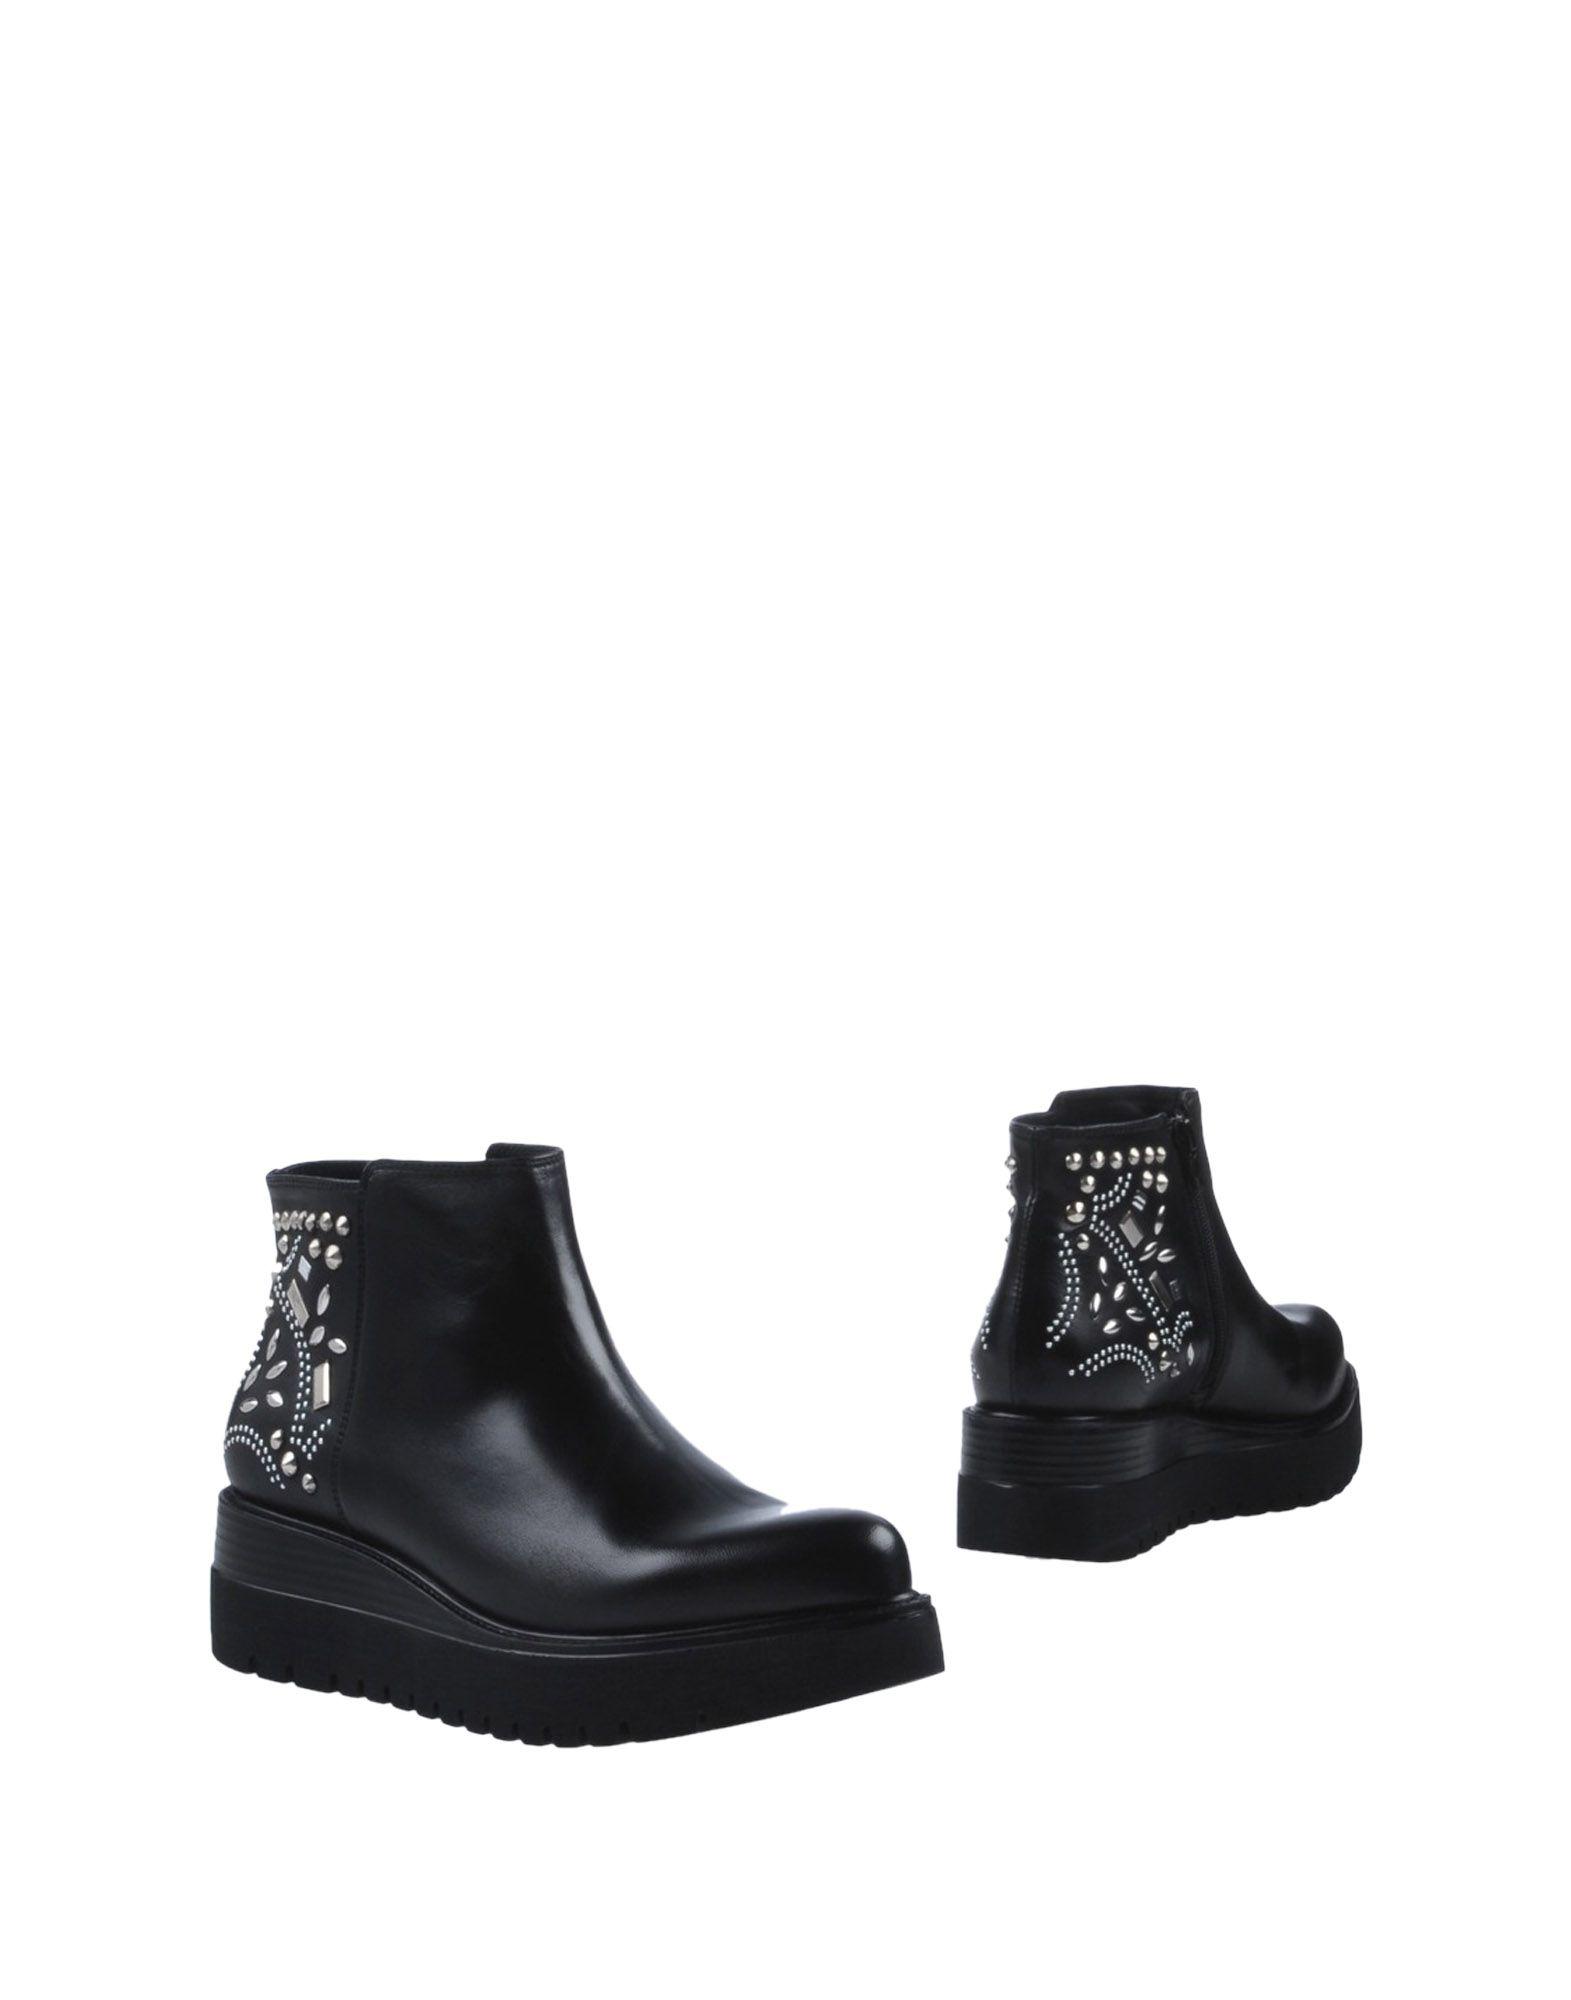 Gut um Blu billige Schuhe zu tragenTosca Blu um Shoes Stiefelette Damen  11310805GC 99c97d